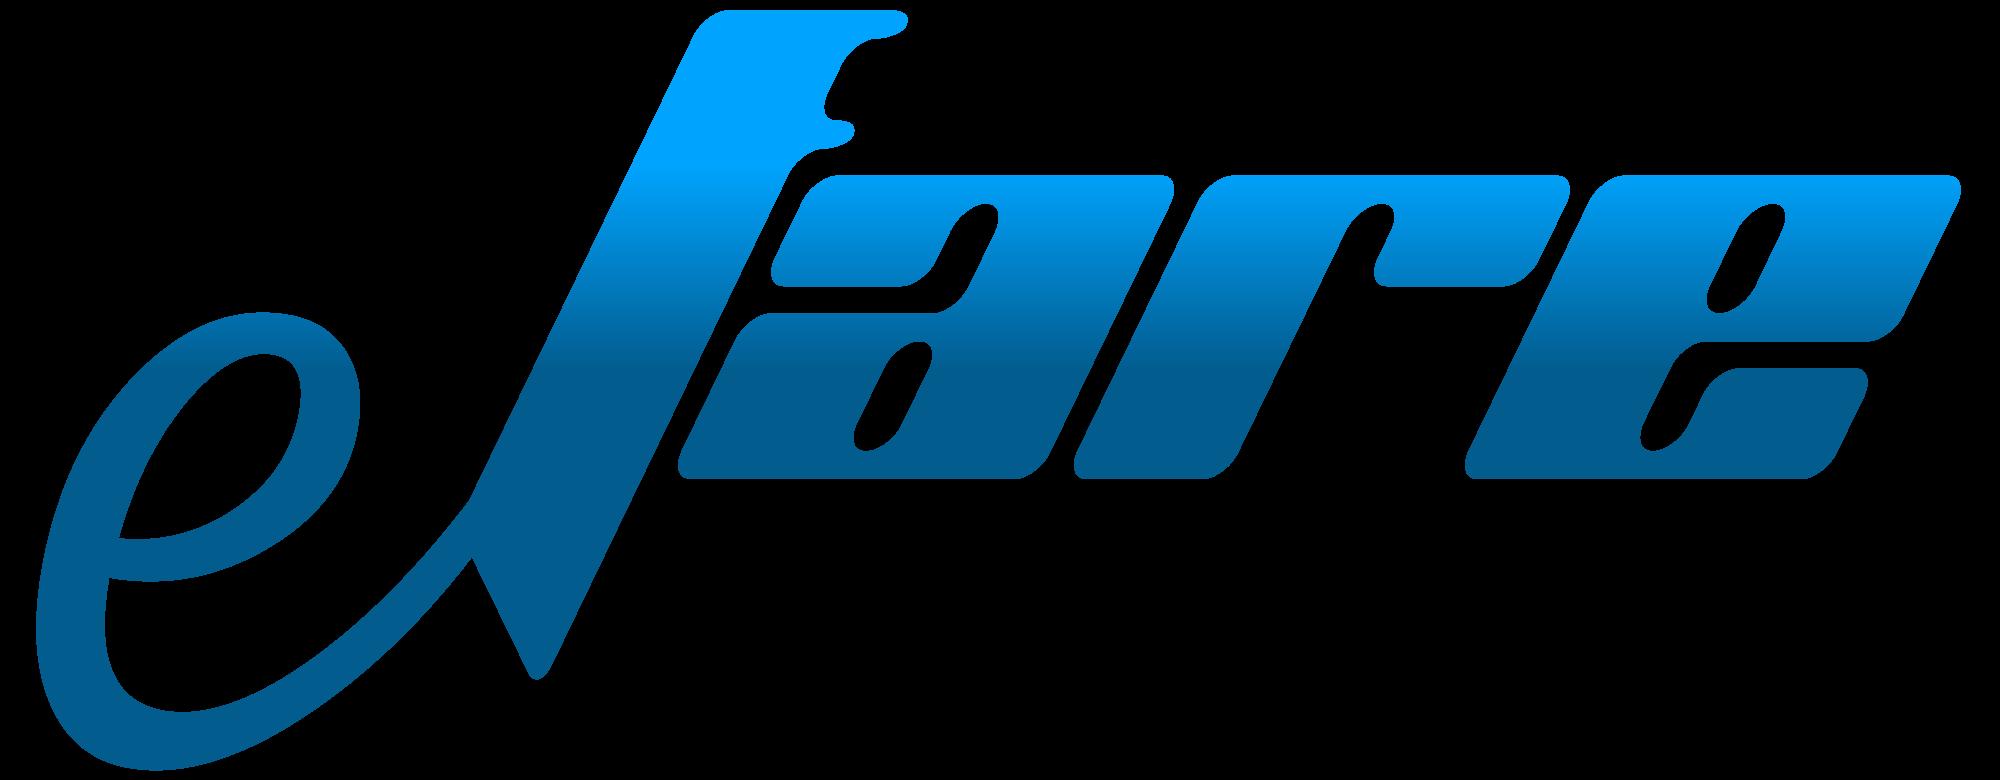 eFare